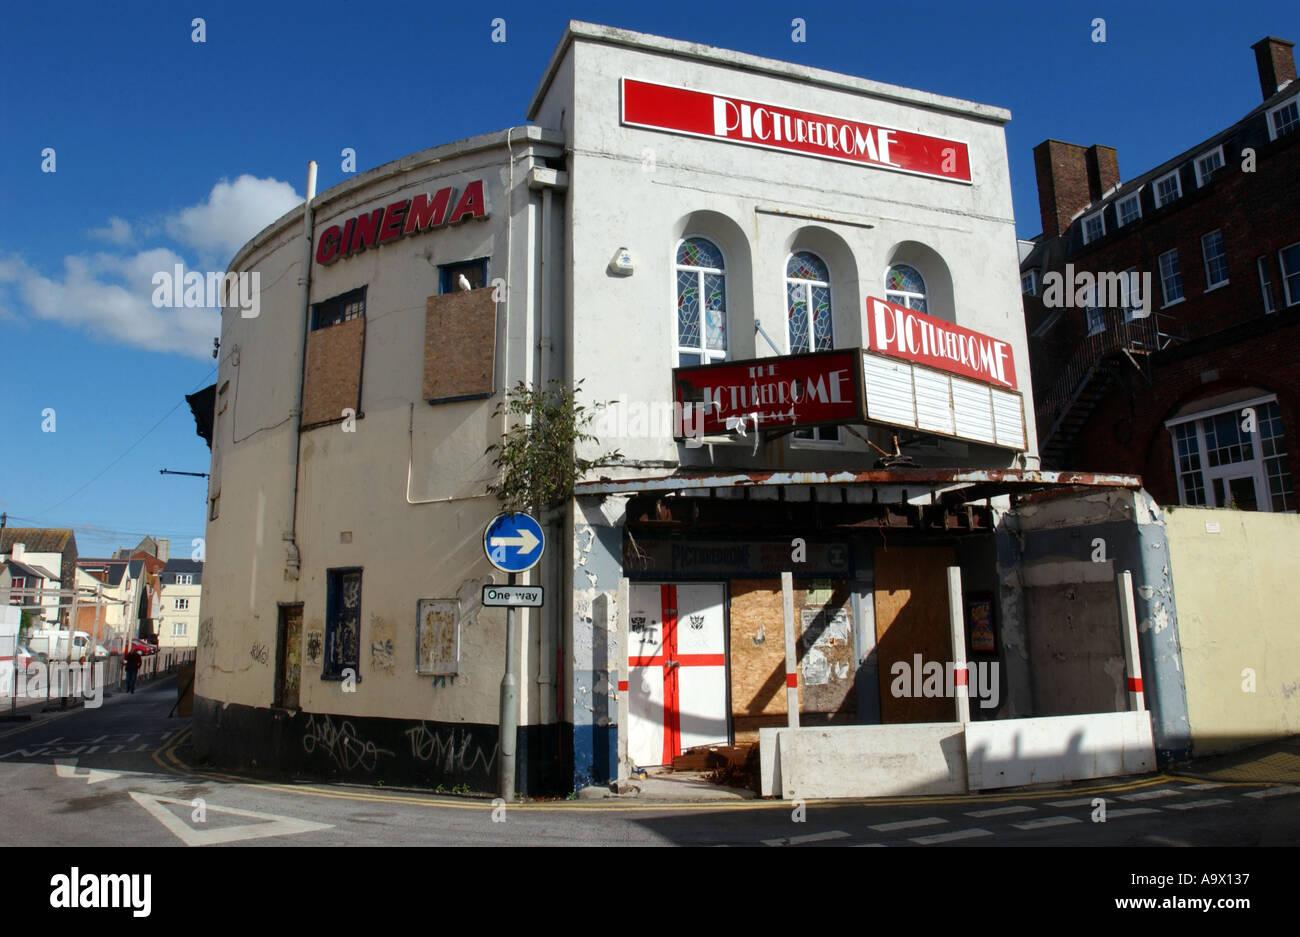 Un vieux bâtiment de style cinéma désaffecté Photo Stock